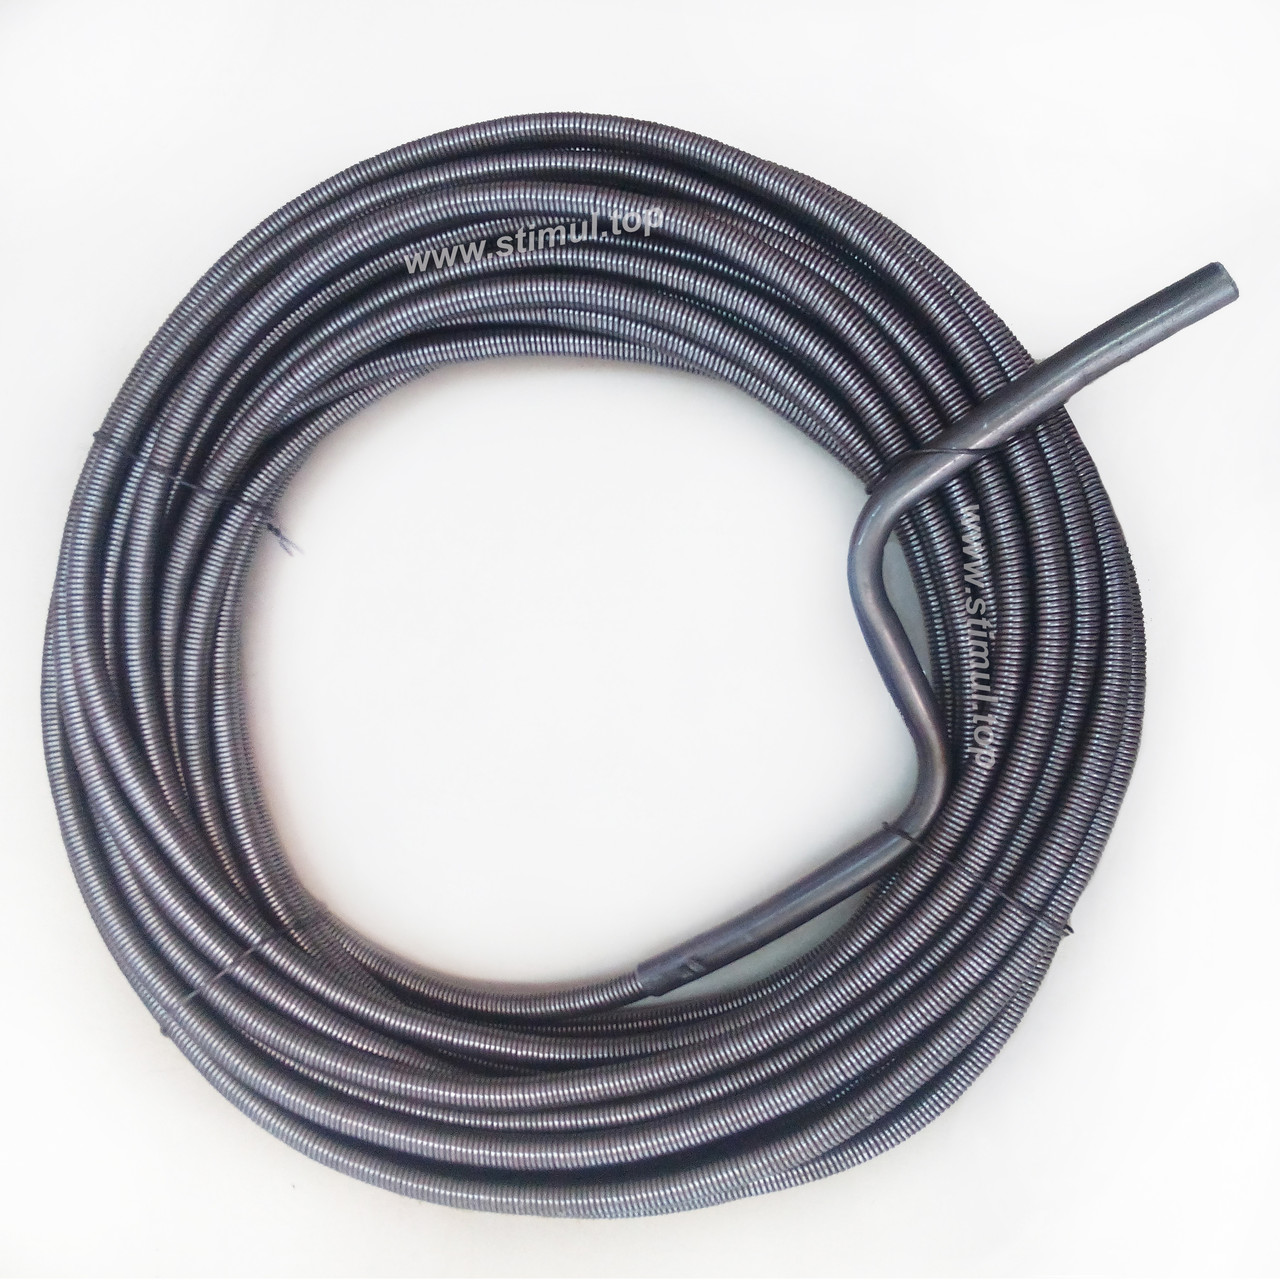 Трос сантехнический, крот канализационный 10 мм х 15 м (трос каналізаційний сантехнічний)